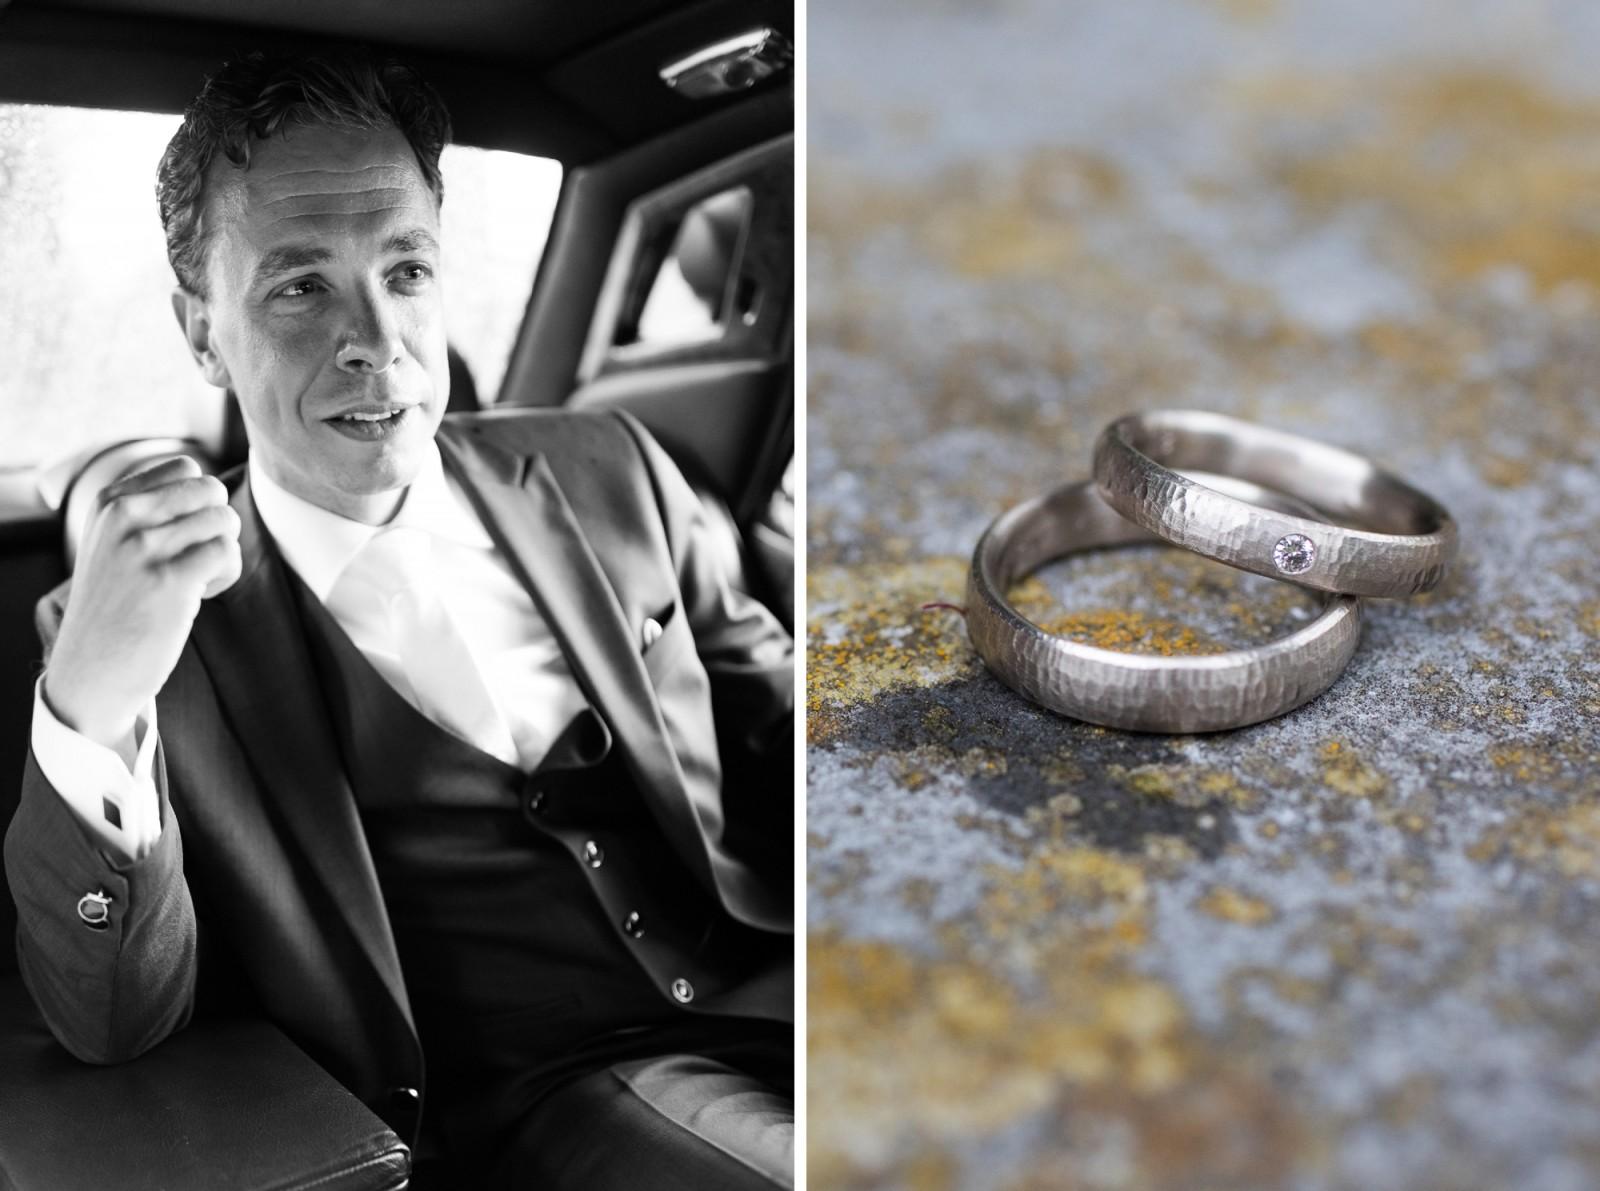 Bruidegom in de auto met ringen